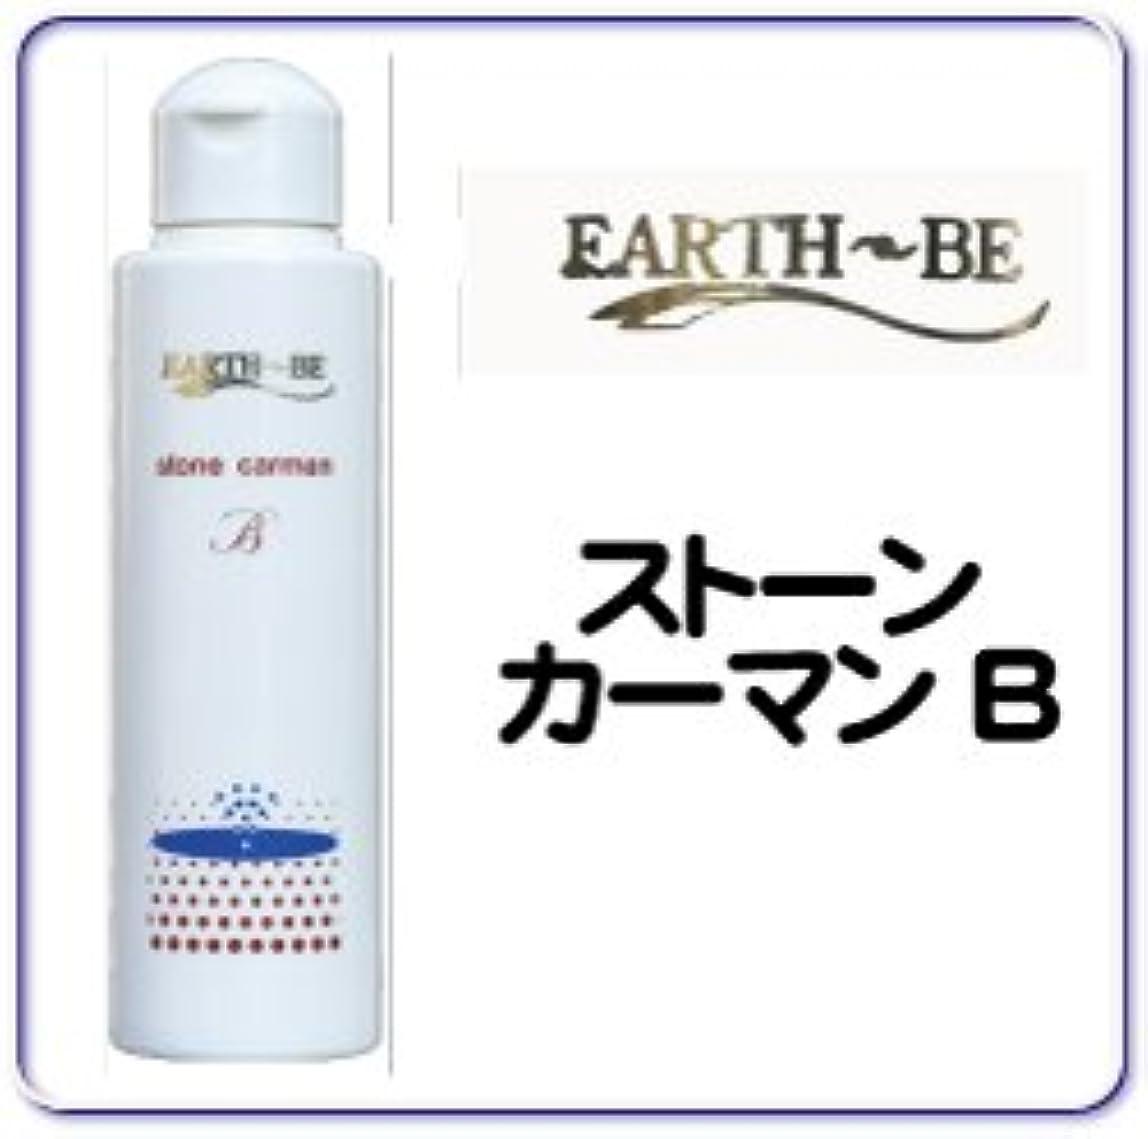 インタラクション第九出口ベルマン化粧品 EARTH-Bシリーズ  アースビ ストーン カーマンB  120ml 化粧水